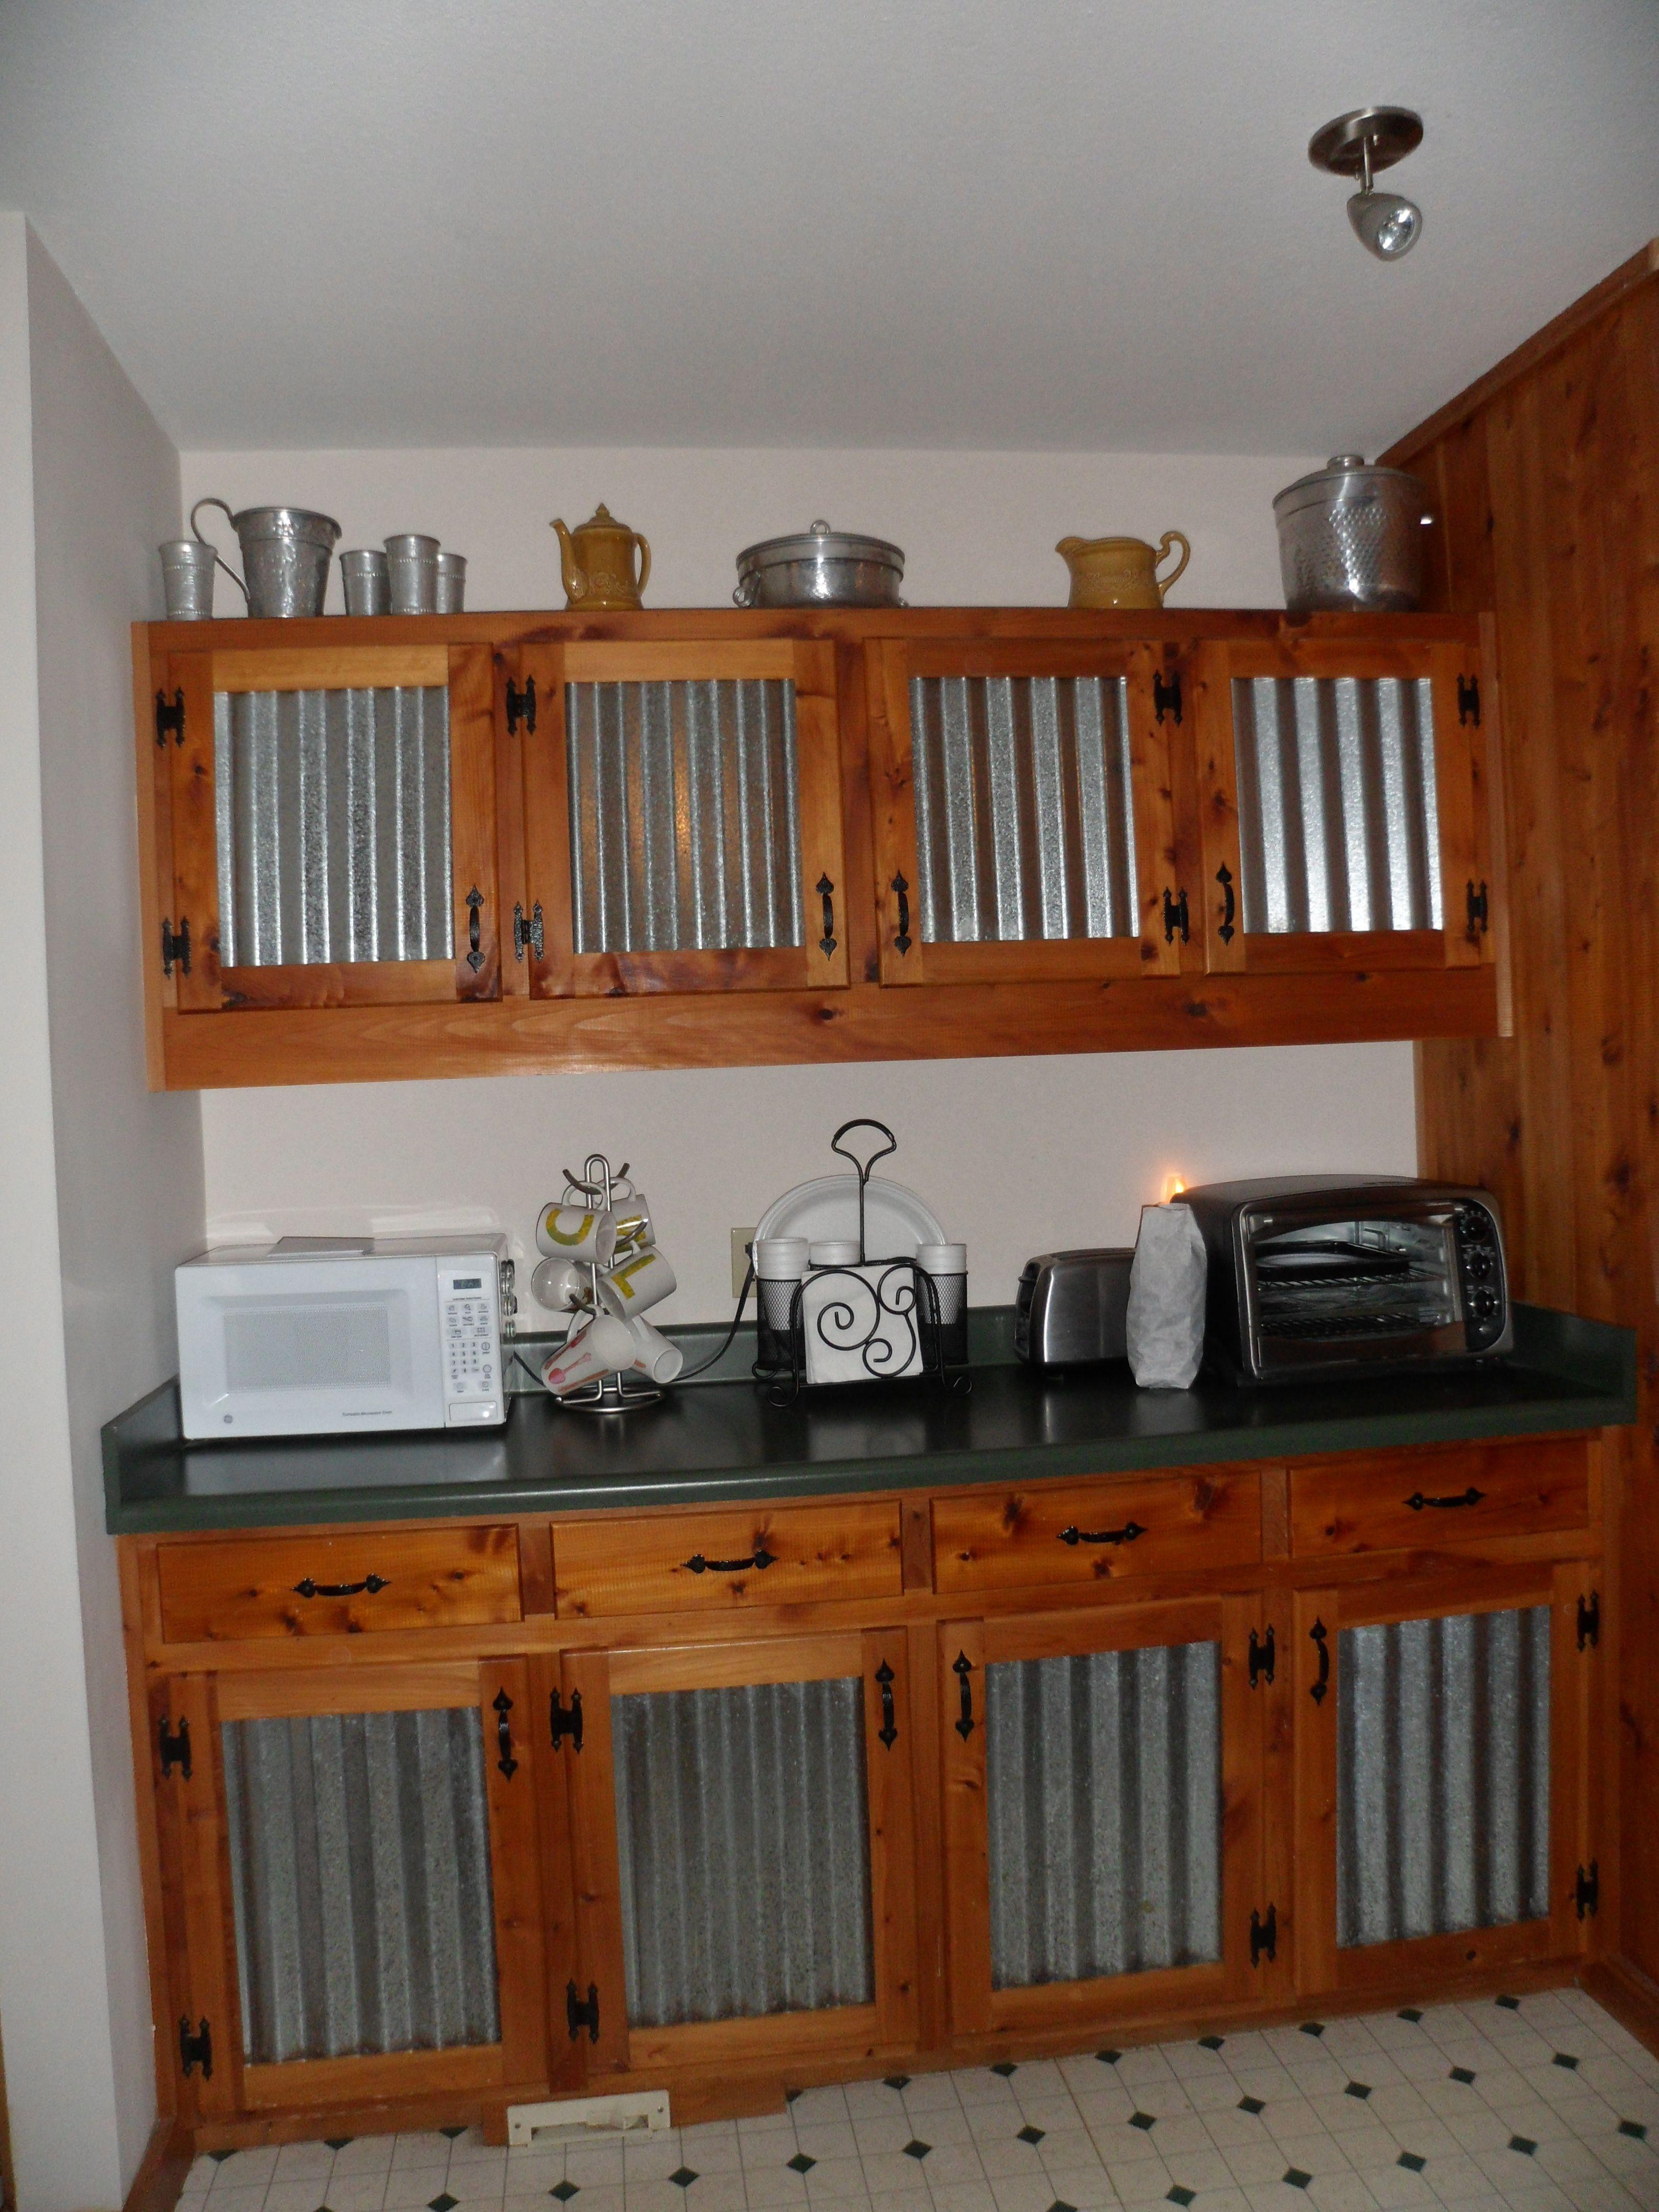 Unique Kitchen Cabinets Rustic Kitchen Diy Kitchen Cabinets Rustic Kitchen Cabinets